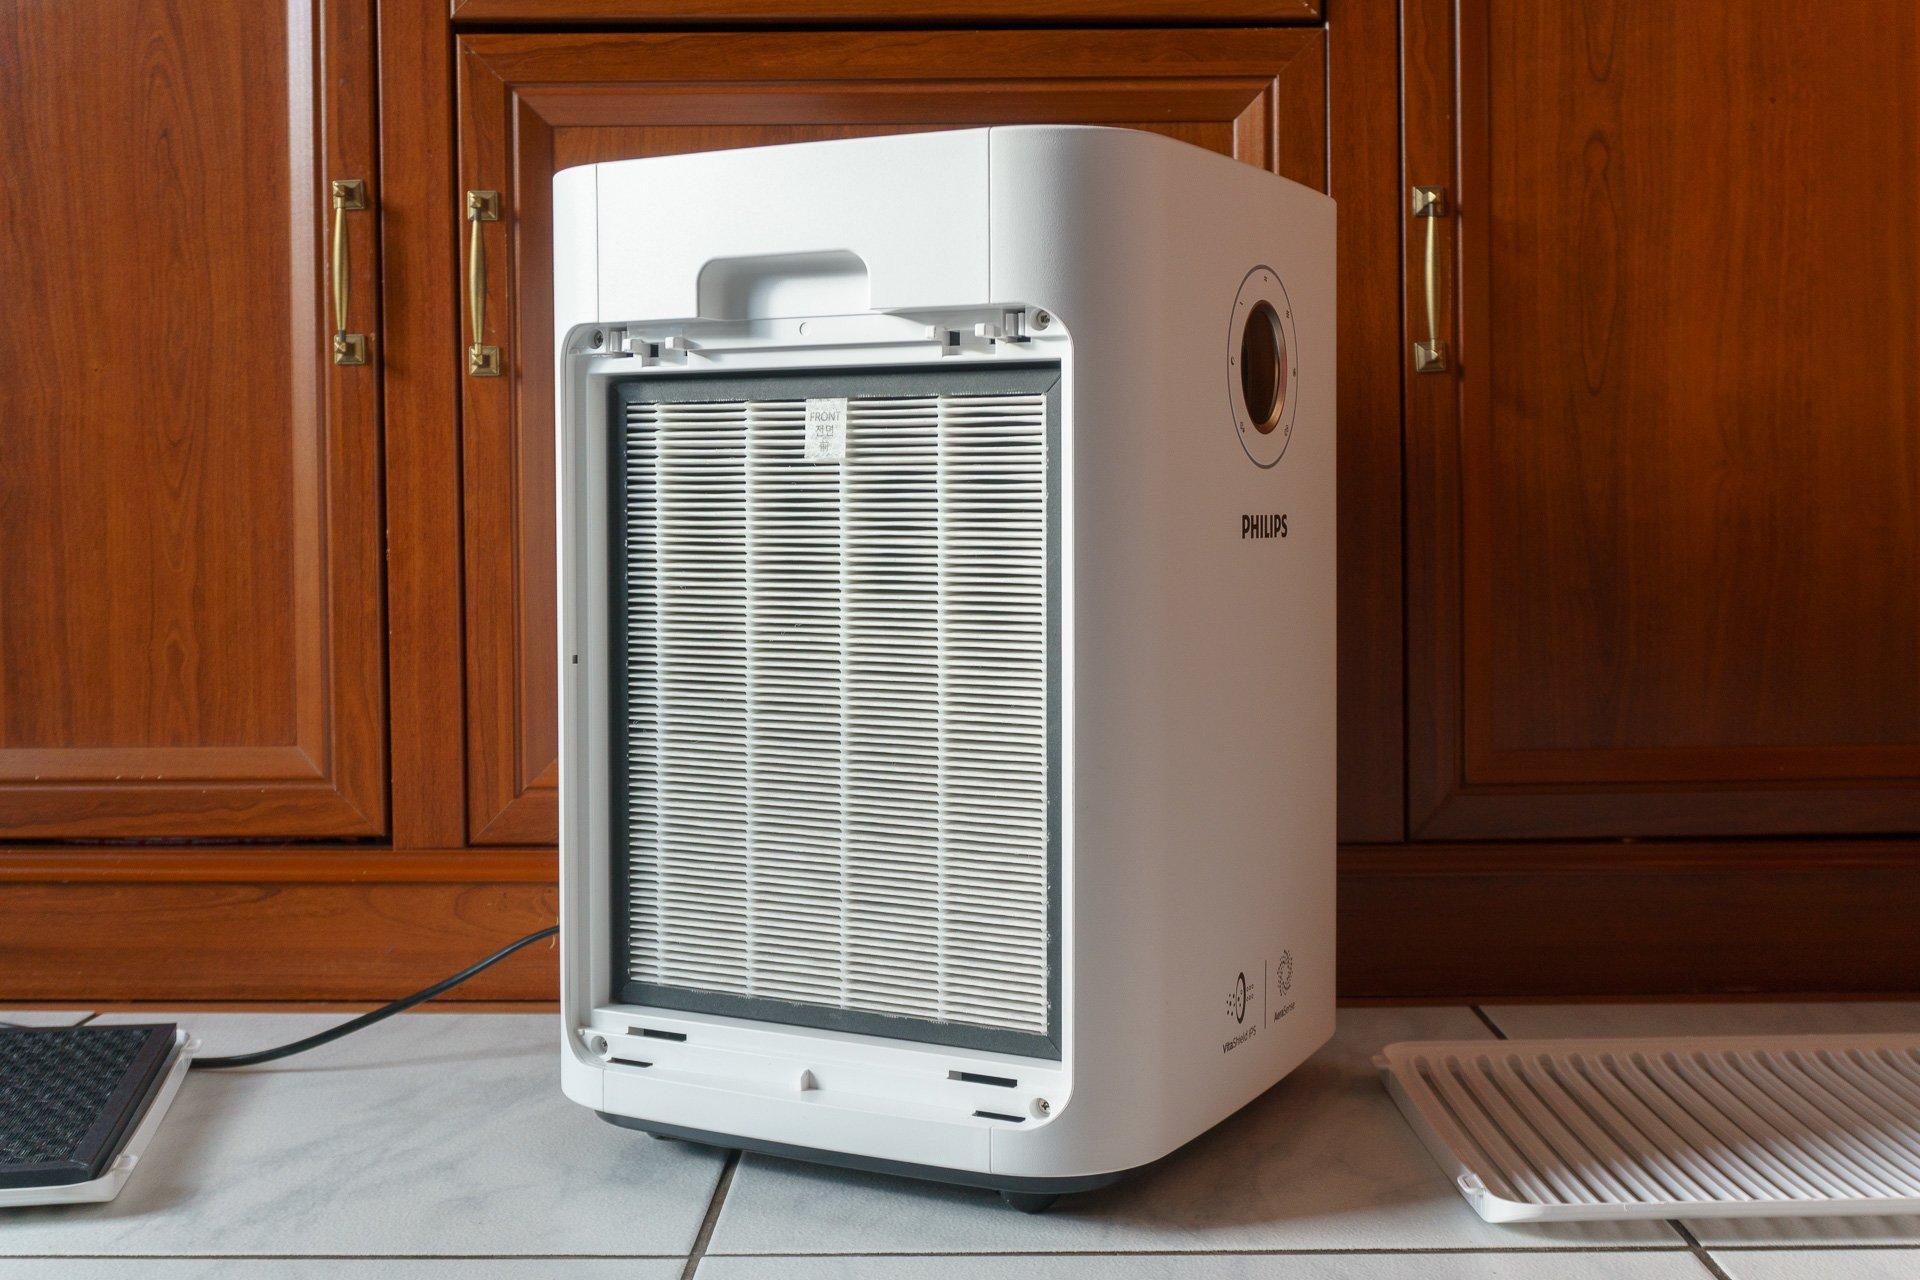 Tabletowo.pl Oczyszczacz powietrza Philips AC5659/10 – sprzęt, który warto mieć w domowym zaciszu (recenzja) Philips Recenzje Smart Home